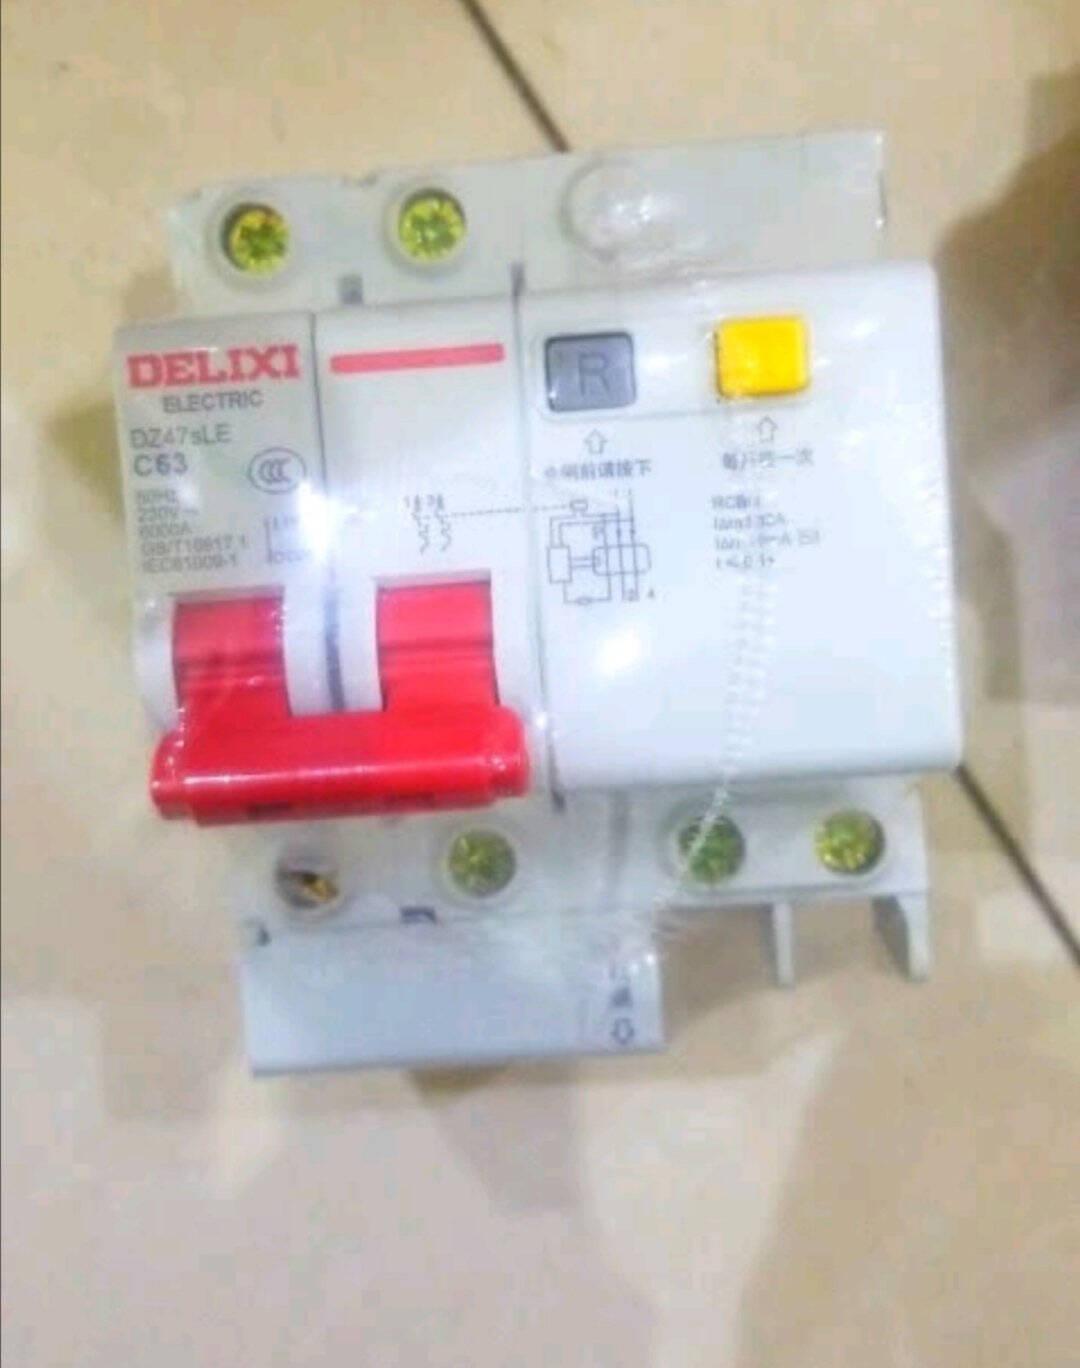 德力西电气(DELIXIELECTRIC)微型断路器空气开关DZ47S家用空开带漏电保护DZ47sLE1P+NC32A